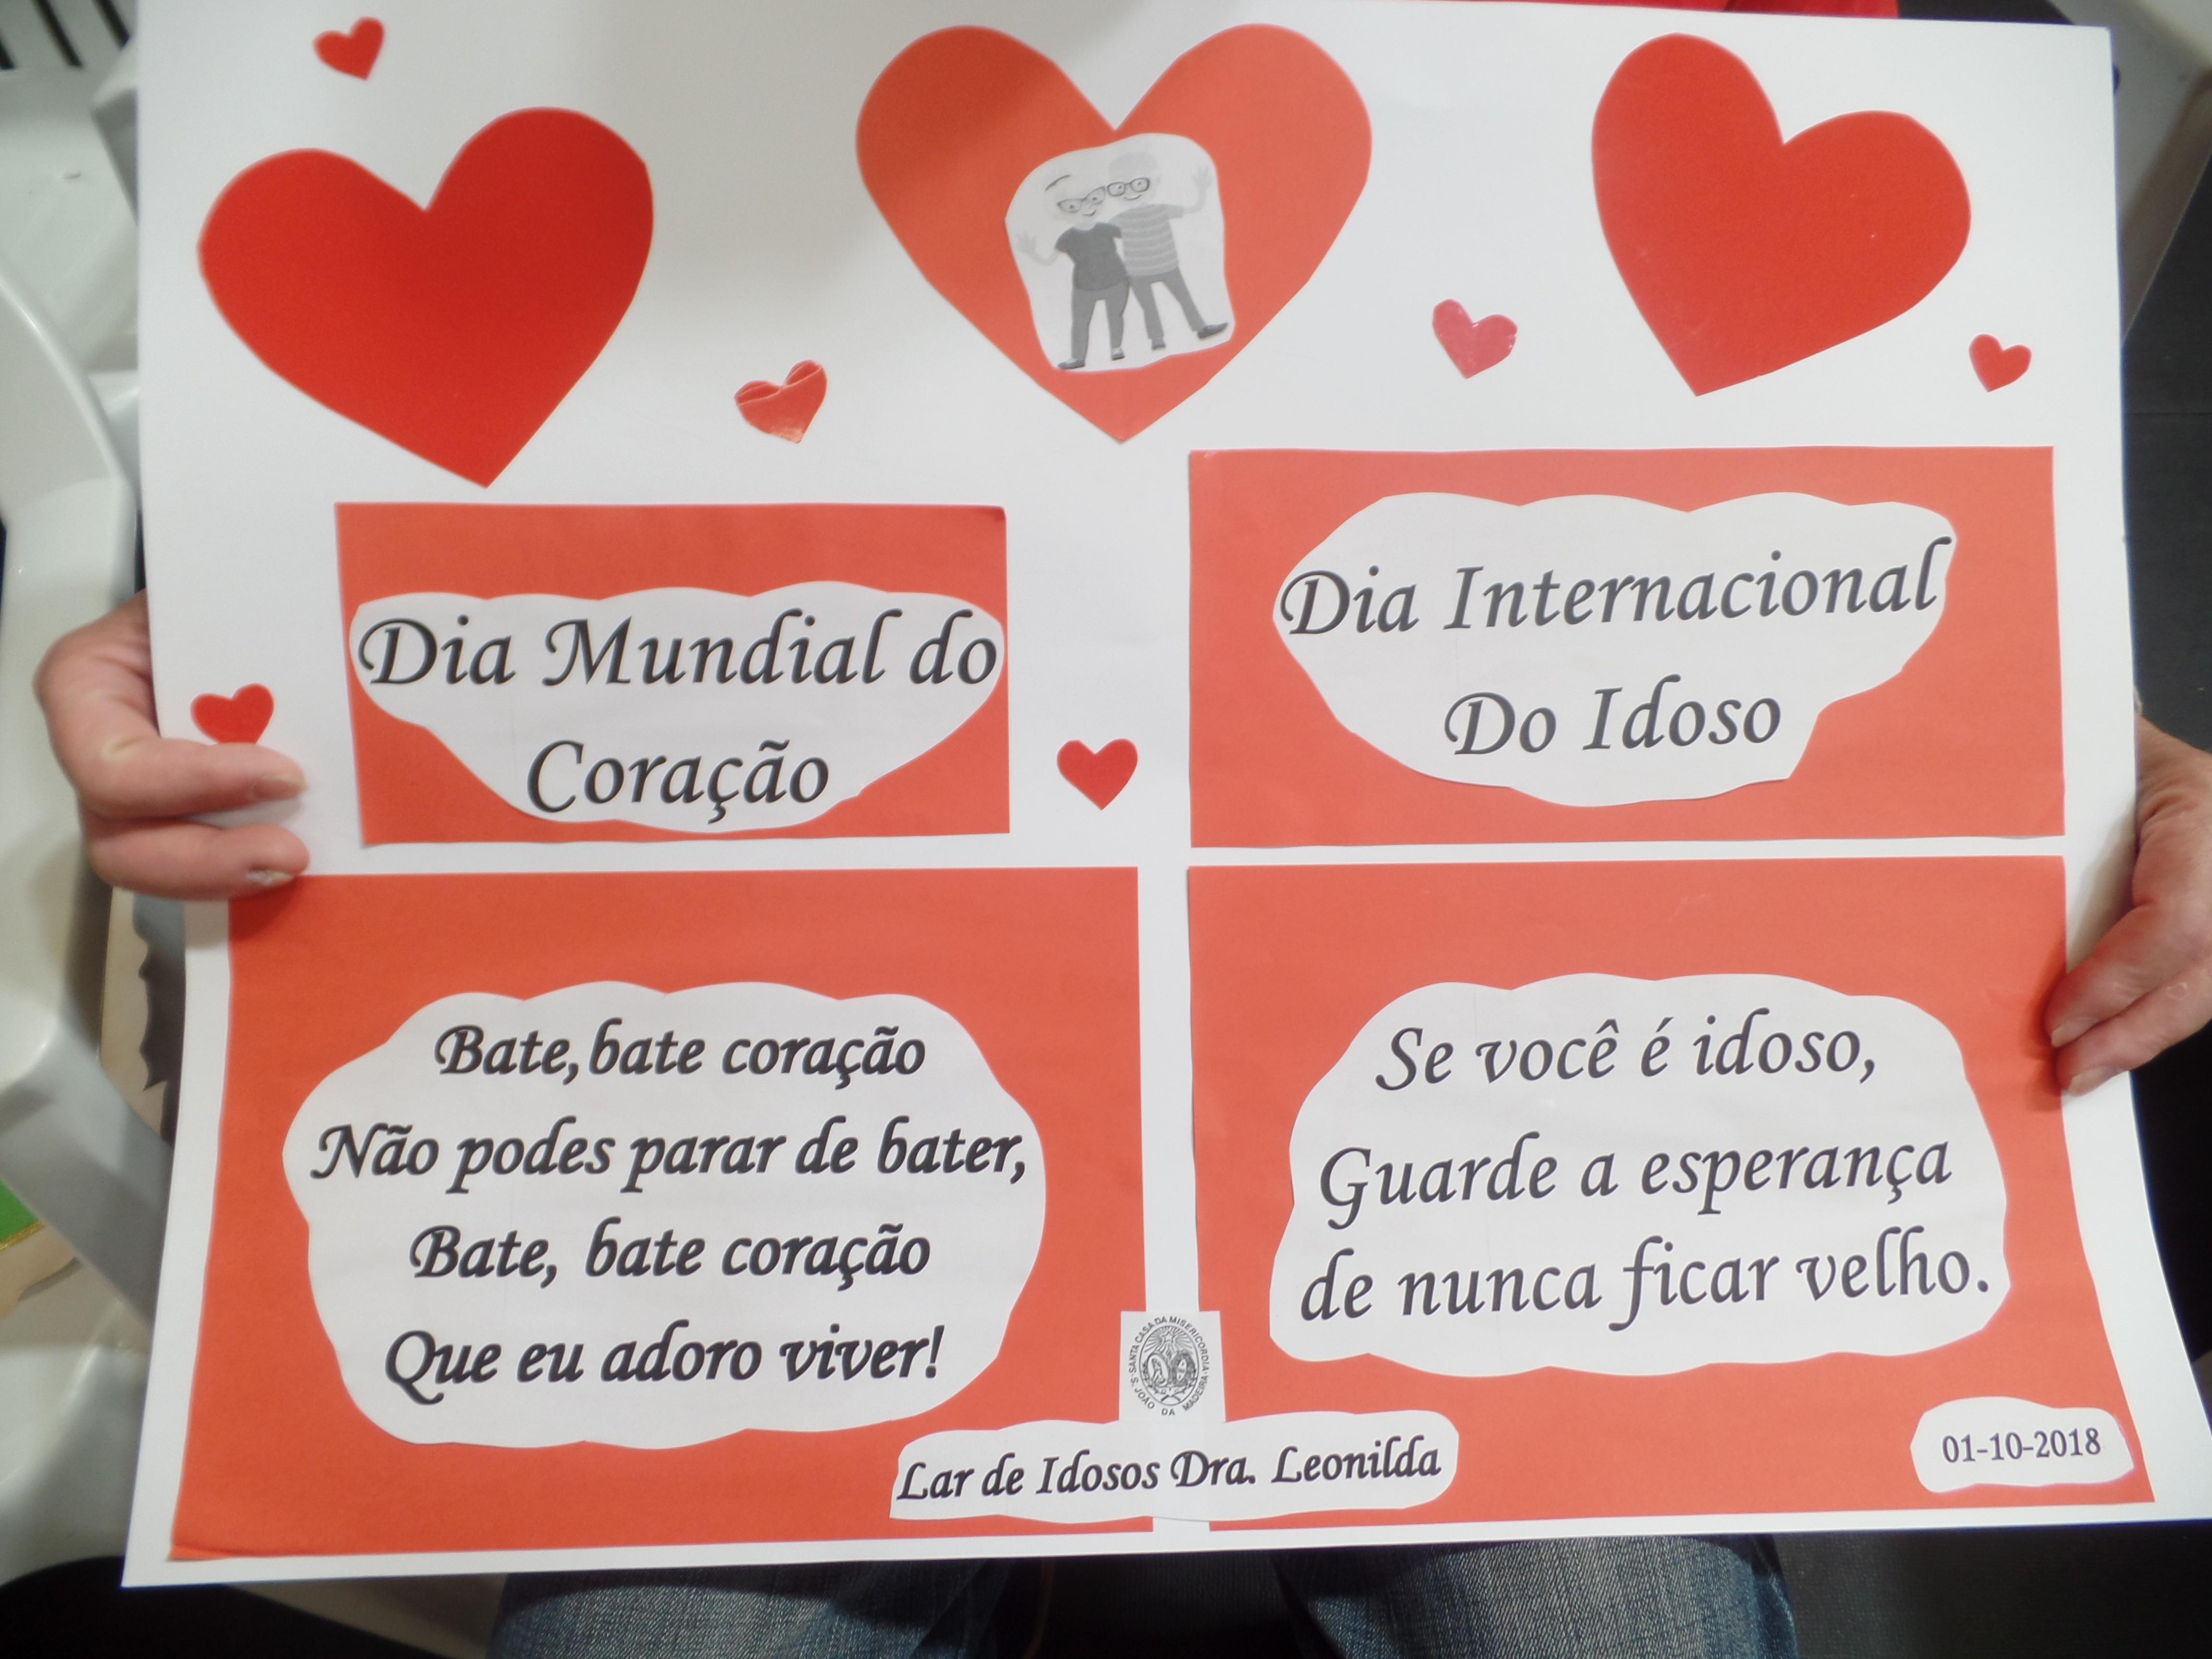 Leonilda Silva Matos